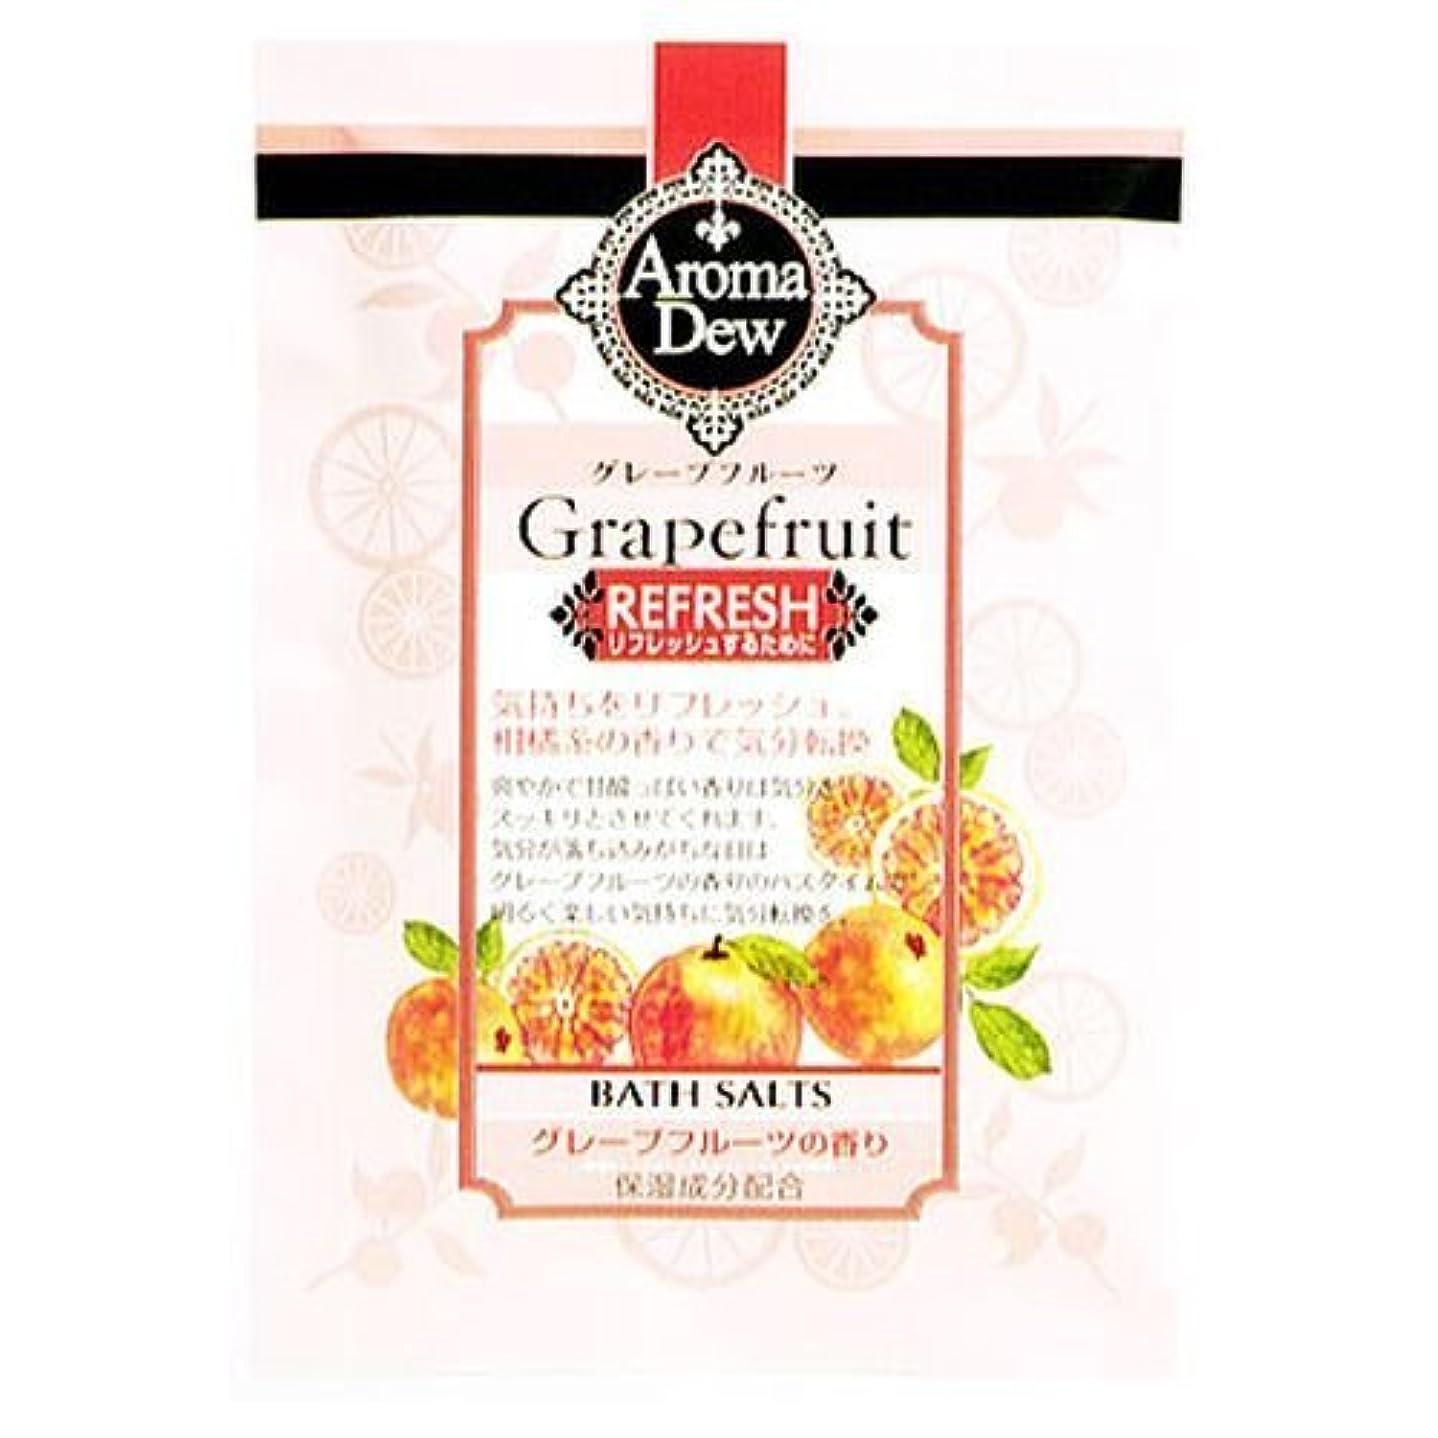 パリティオフセット間違いクロバーコーポレーション アロマデュウ バスソルト グレープフルーツの香り グレープフルーツ